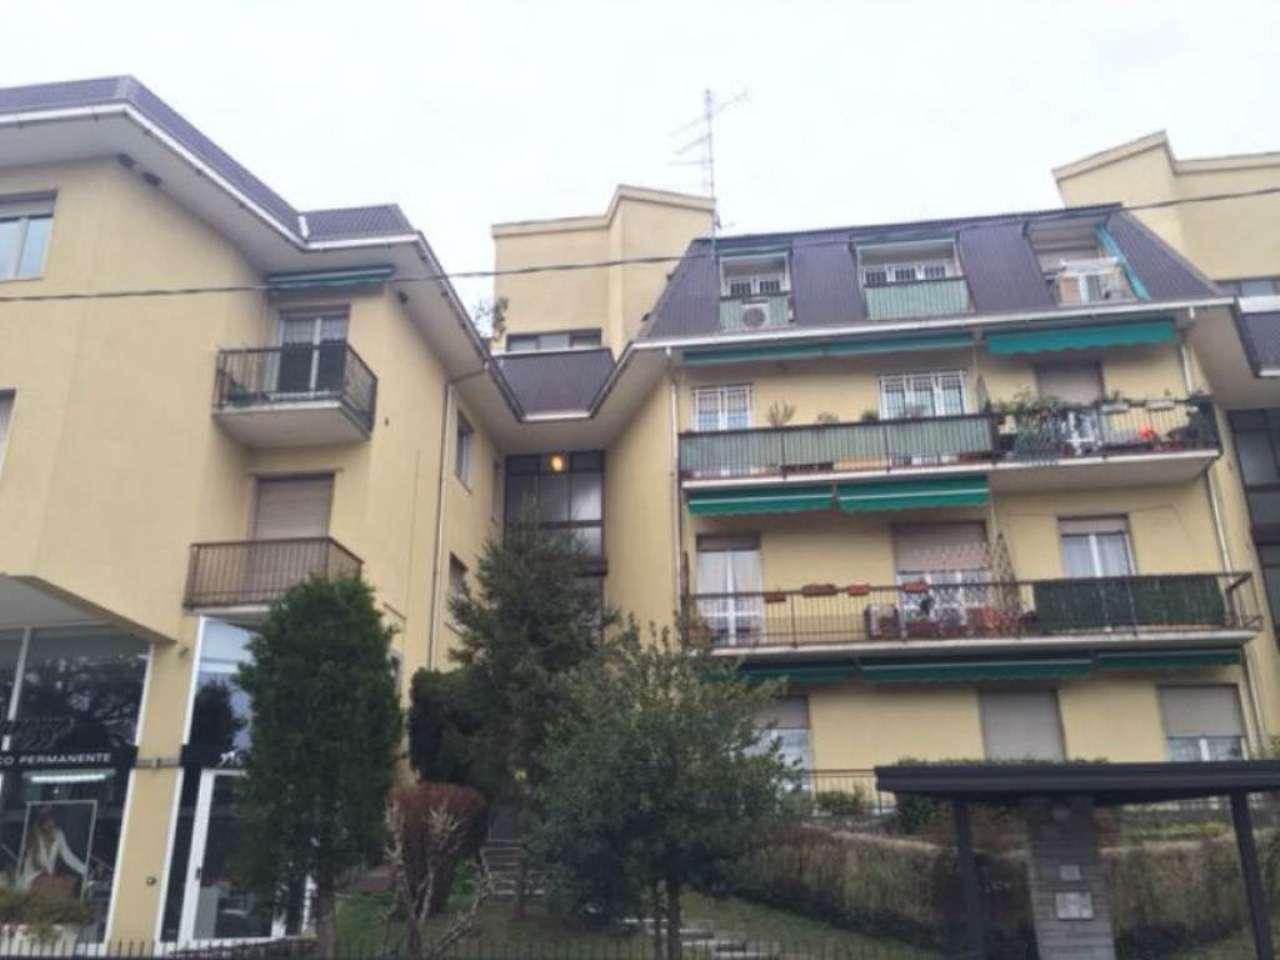 Appartamento in vendita a Castronno, 2 locali, prezzo € 59.000 | Cambio Casa.it